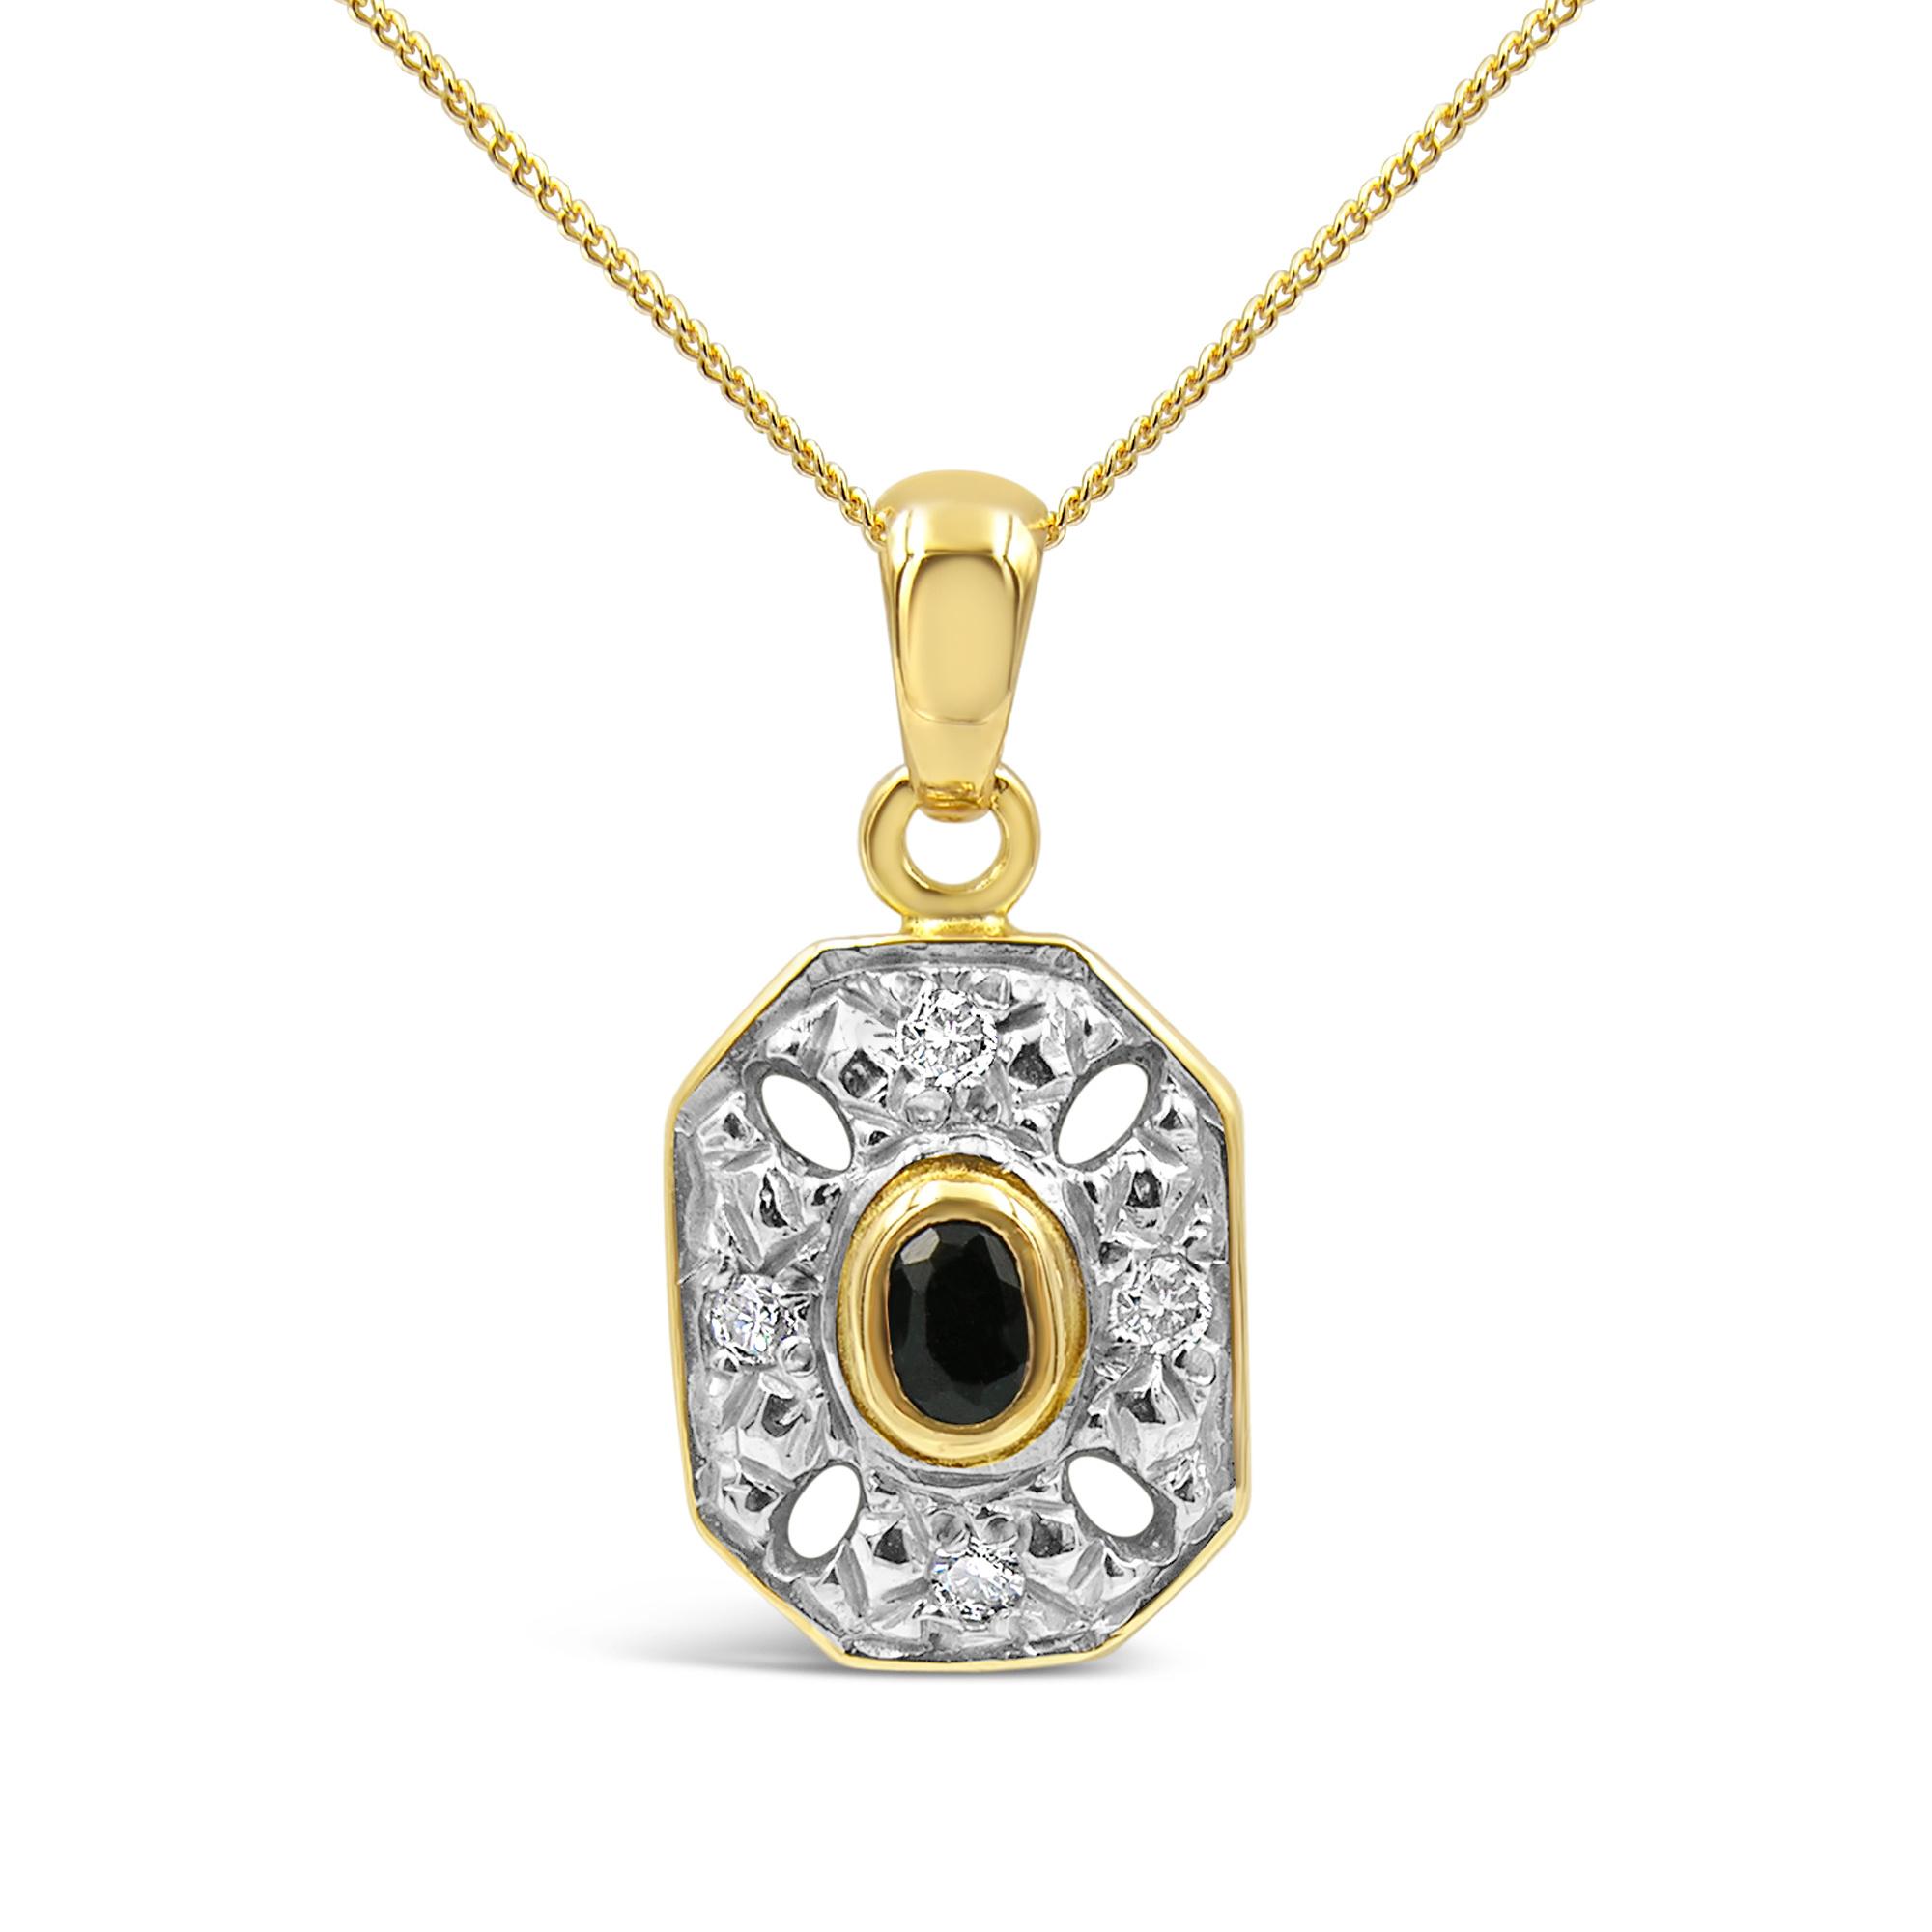 18 karaat geel & wit goud hanger met 0.08 ct diamanten & 0.05 ct safier